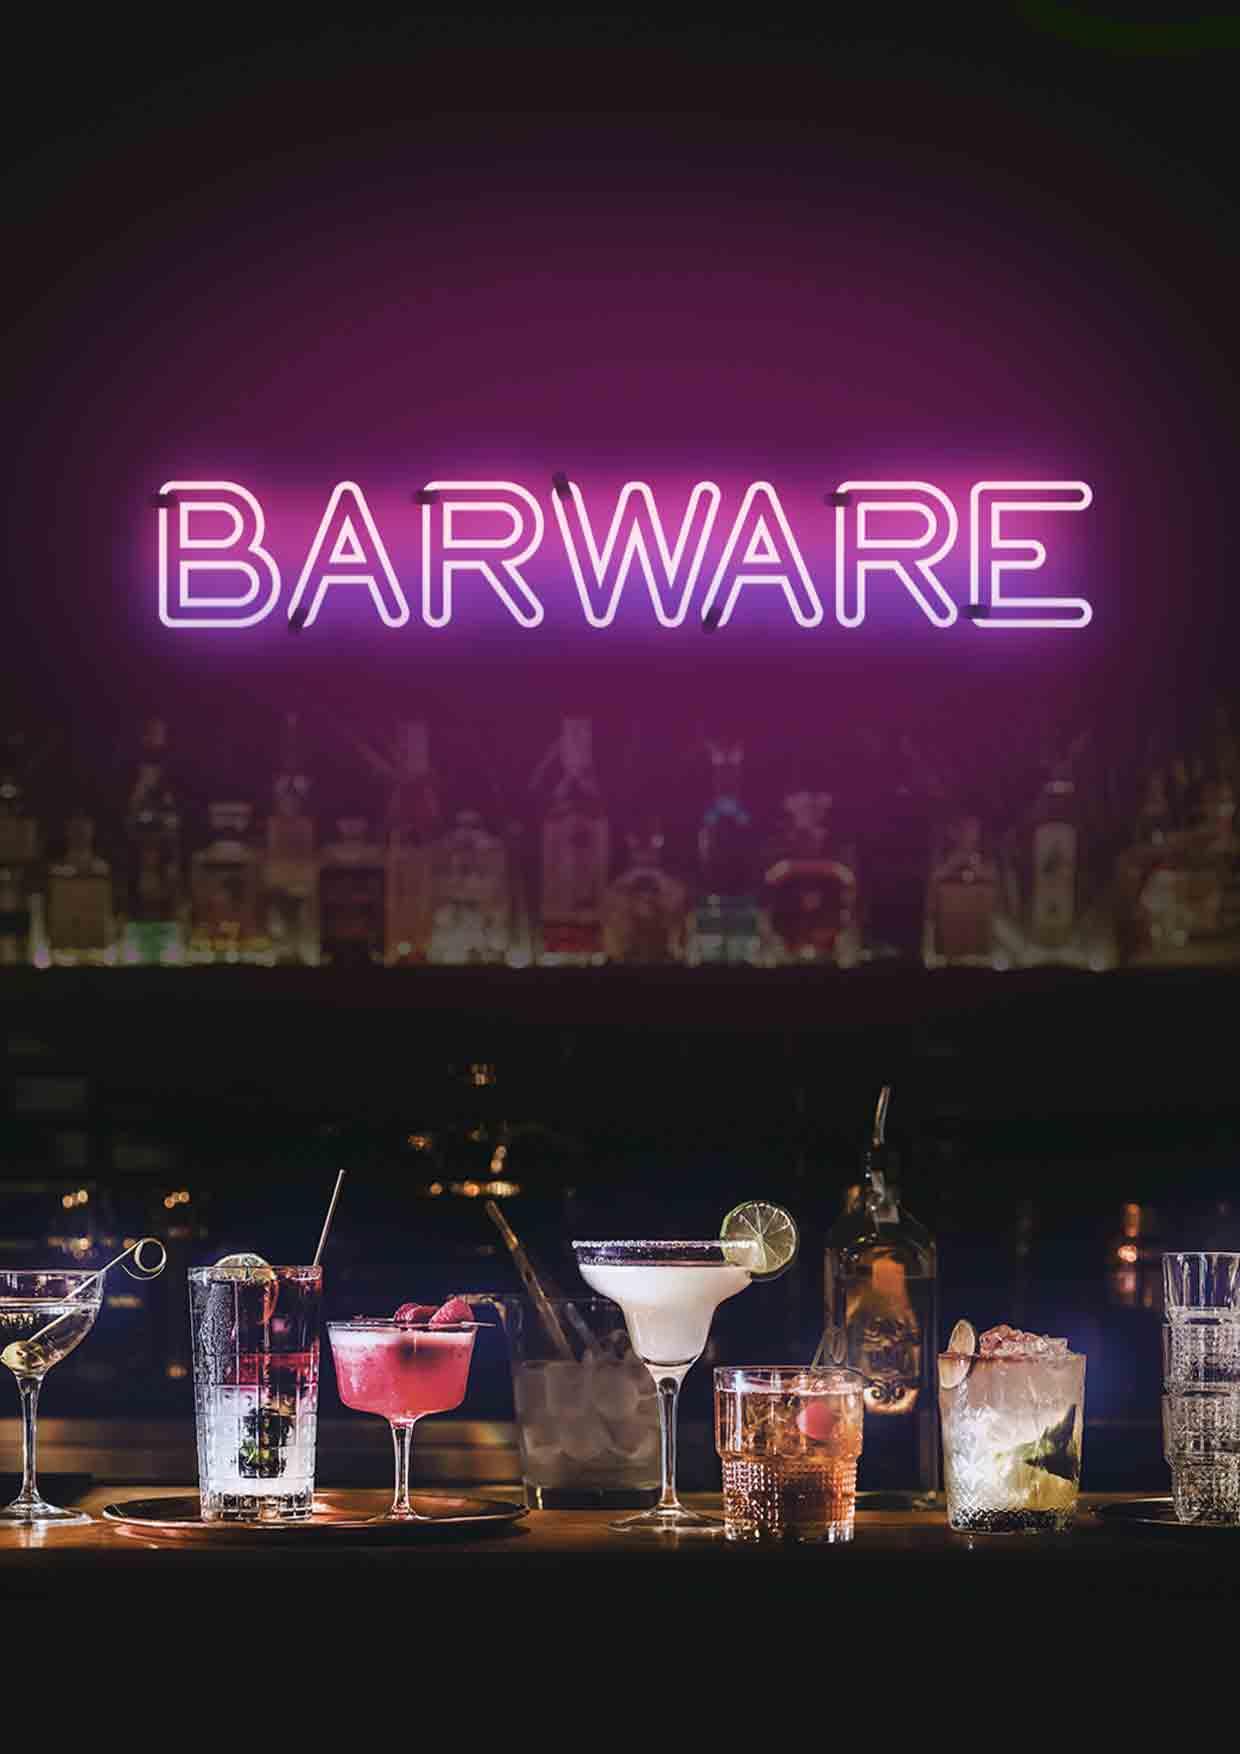 Barware, Cocktailgläser, bedruckte Barware, Barware bedrucken